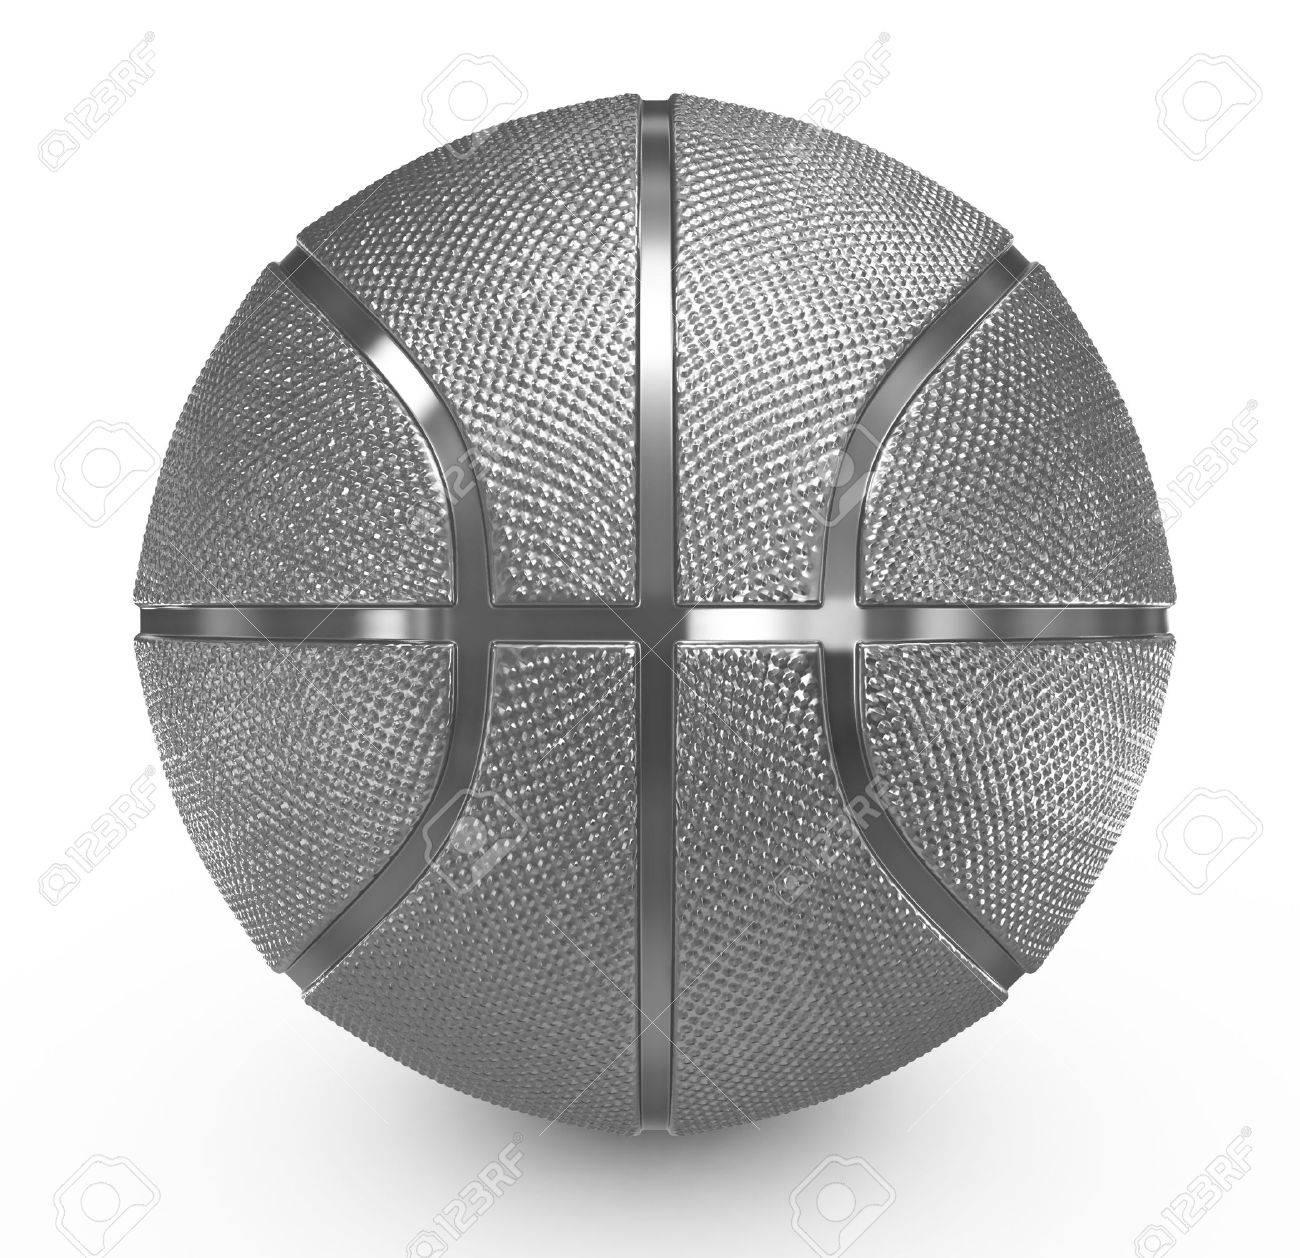 basketball metal - 18942312